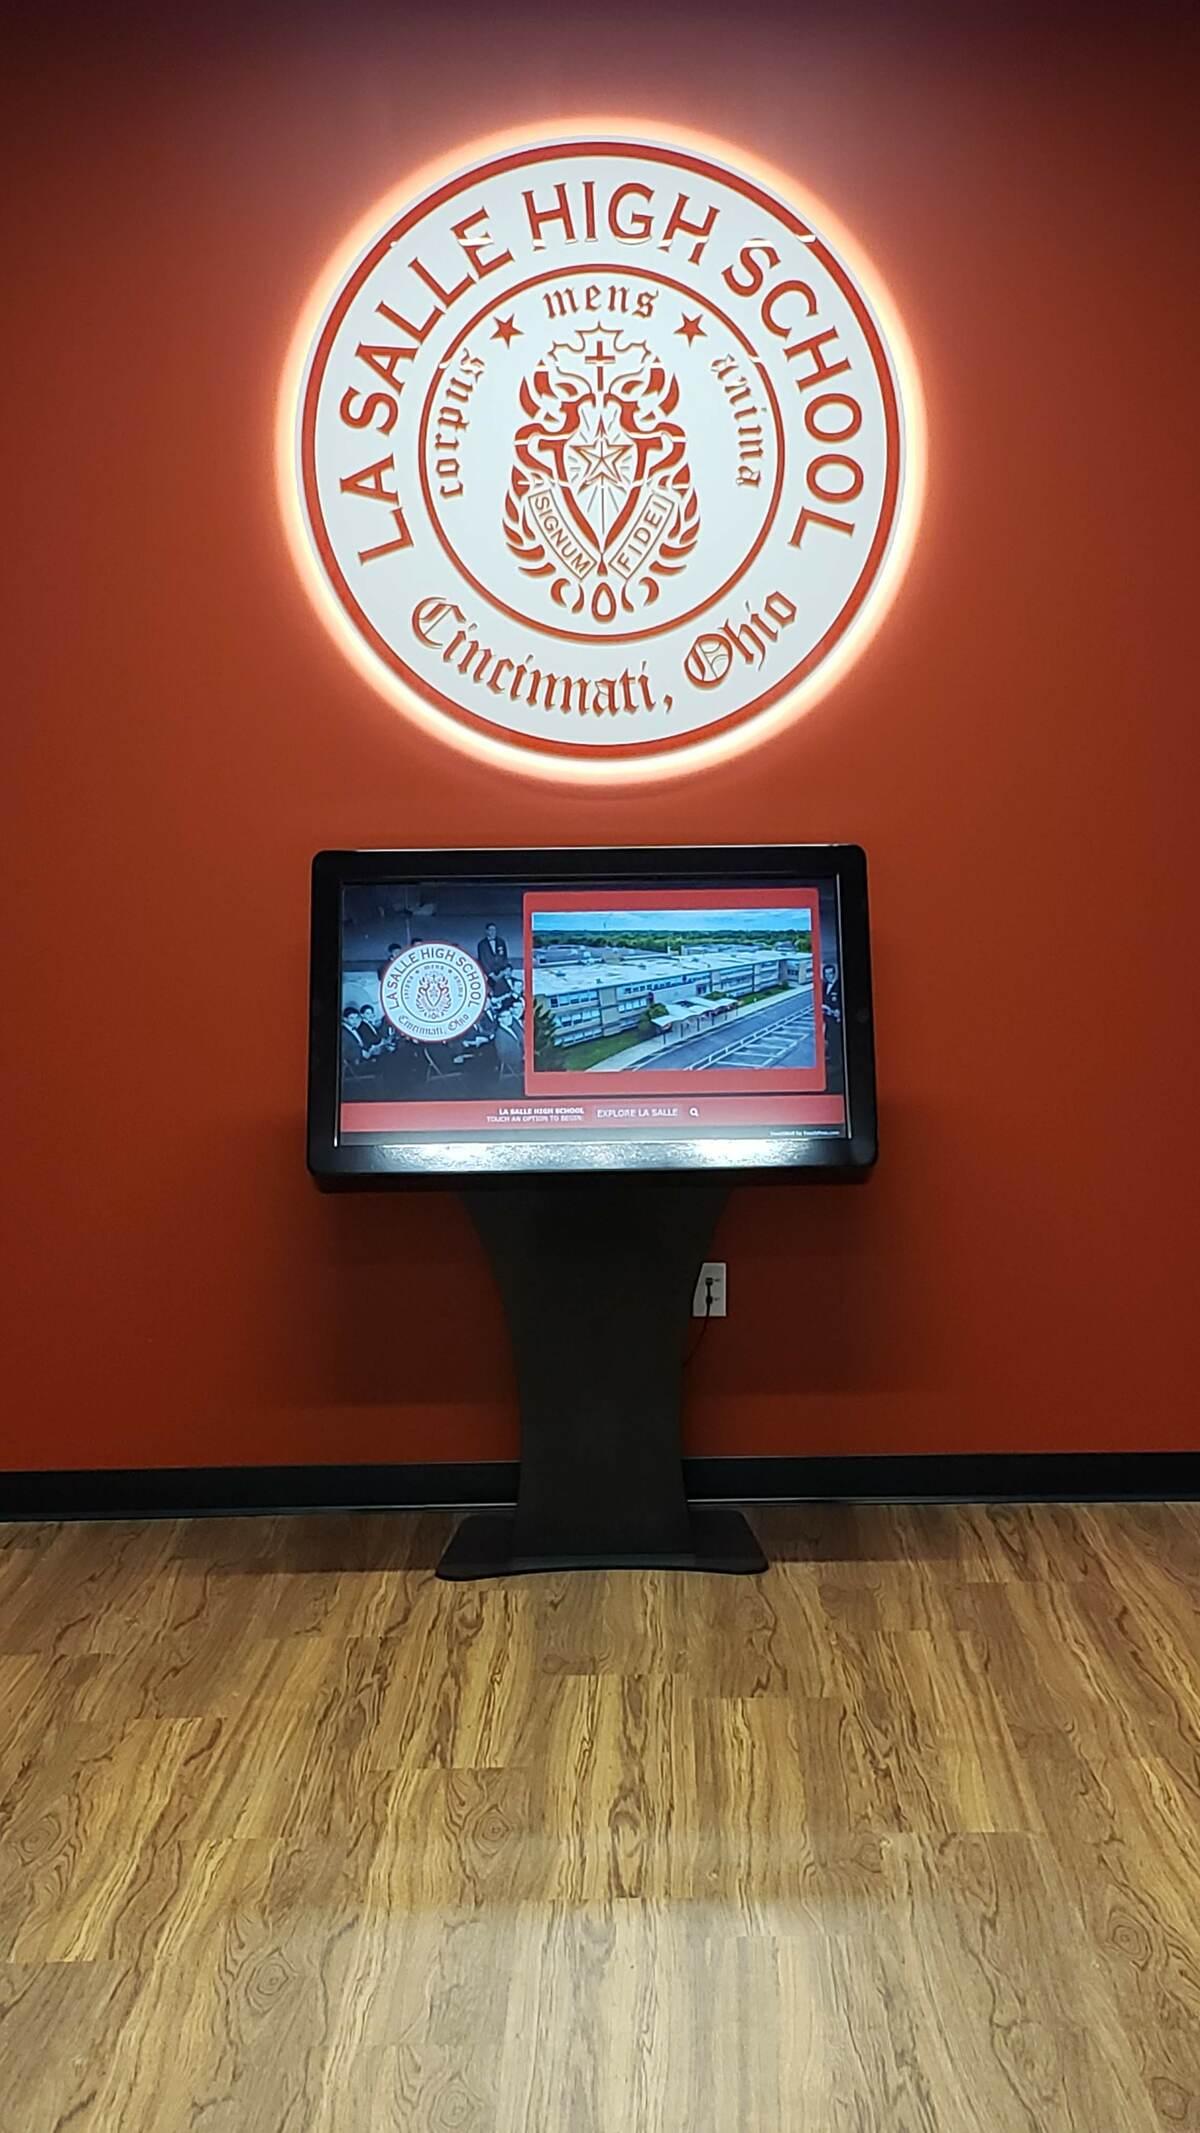 Kiosk in Alumni Heritage room